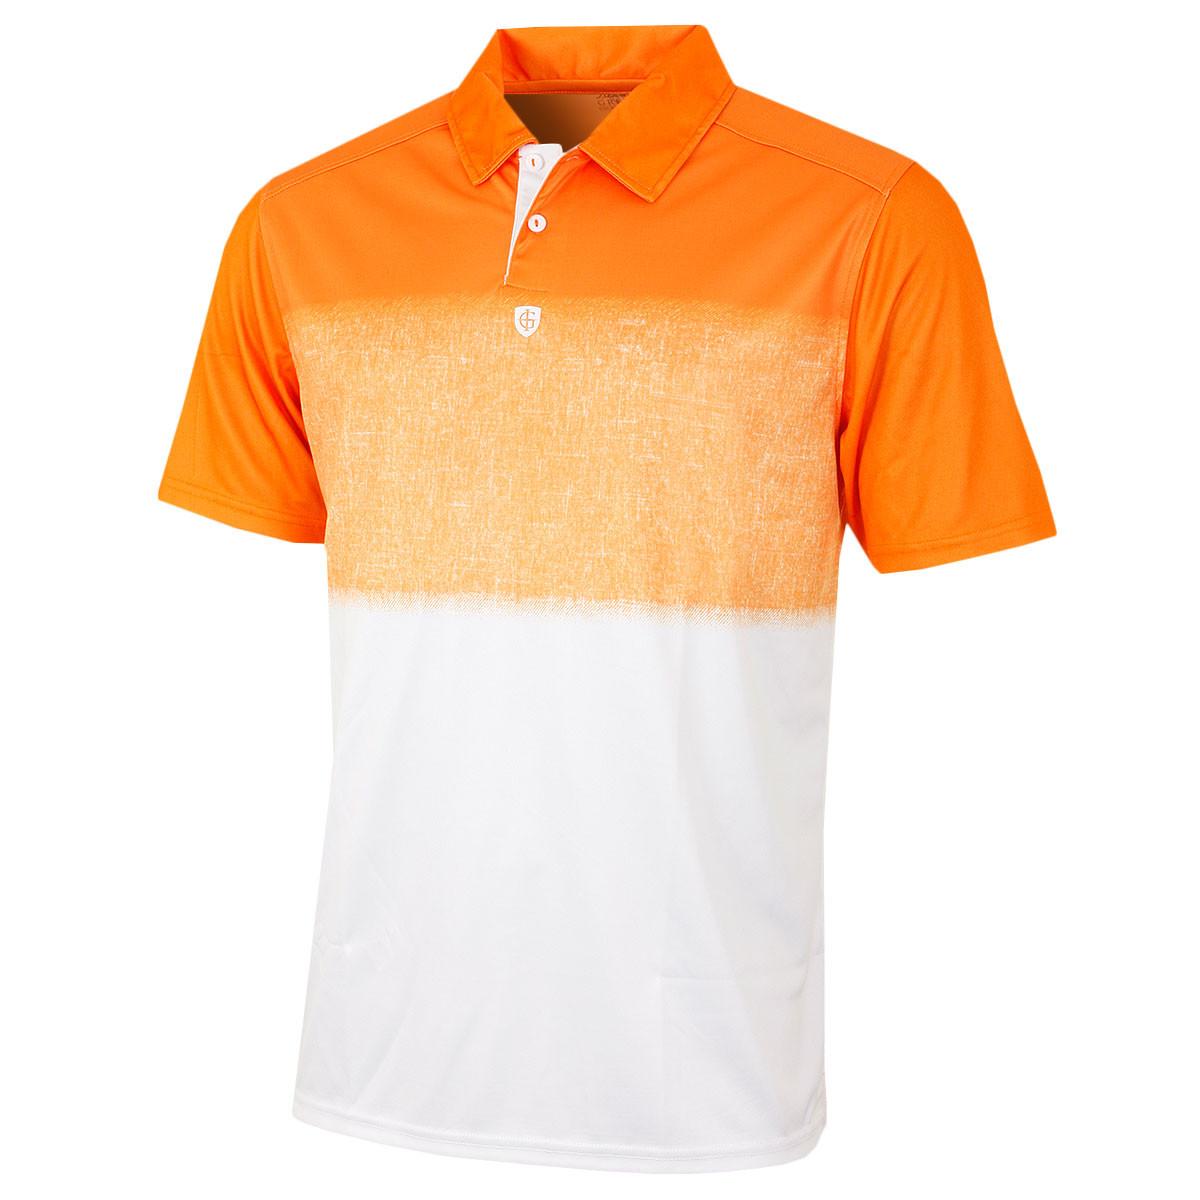 Island Green Mens Fade Effect Coolpass Golf Polo Shirt